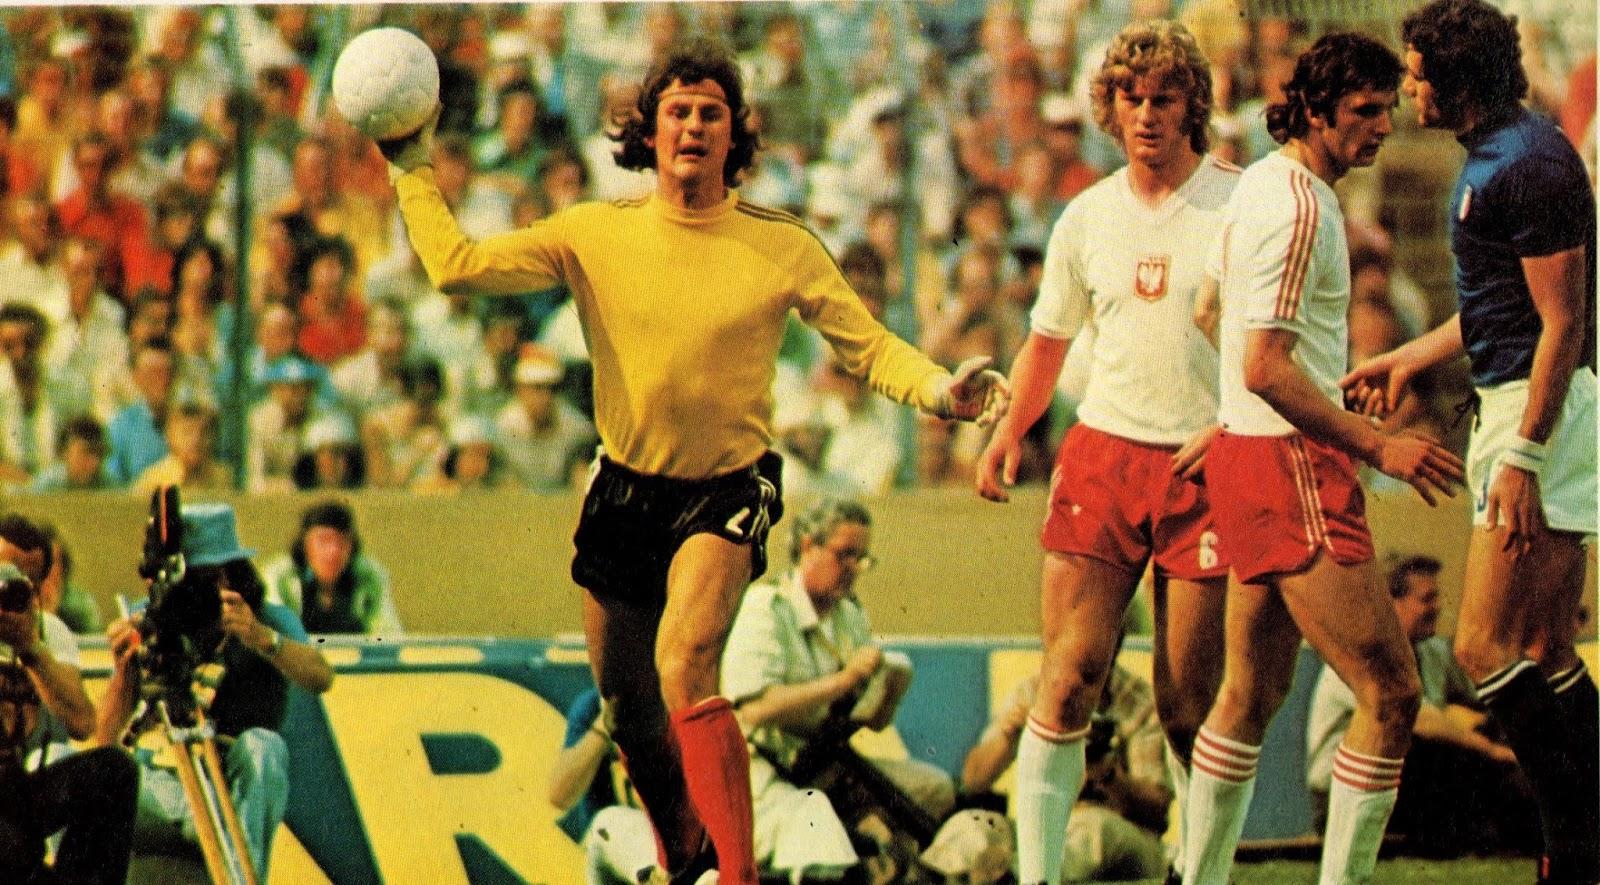 Ян Томашевский, голкипер сборной Польши, 1974